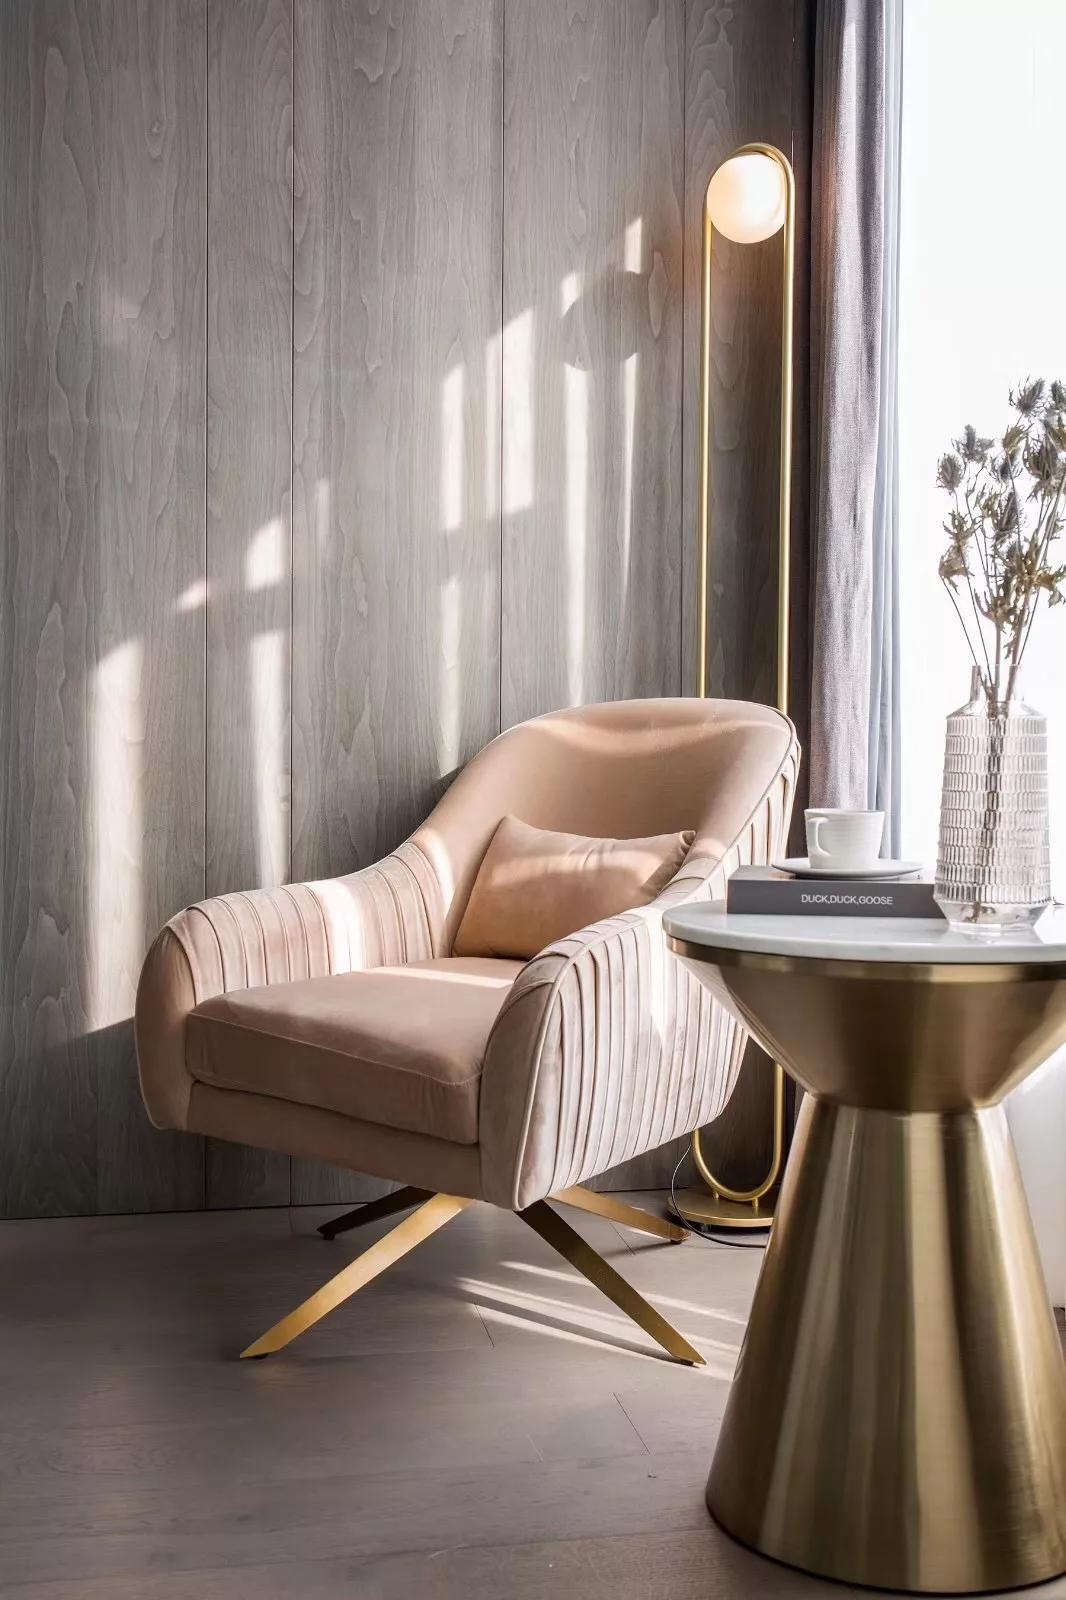 2020新时尚,客厅不仅要潮,还要有格调